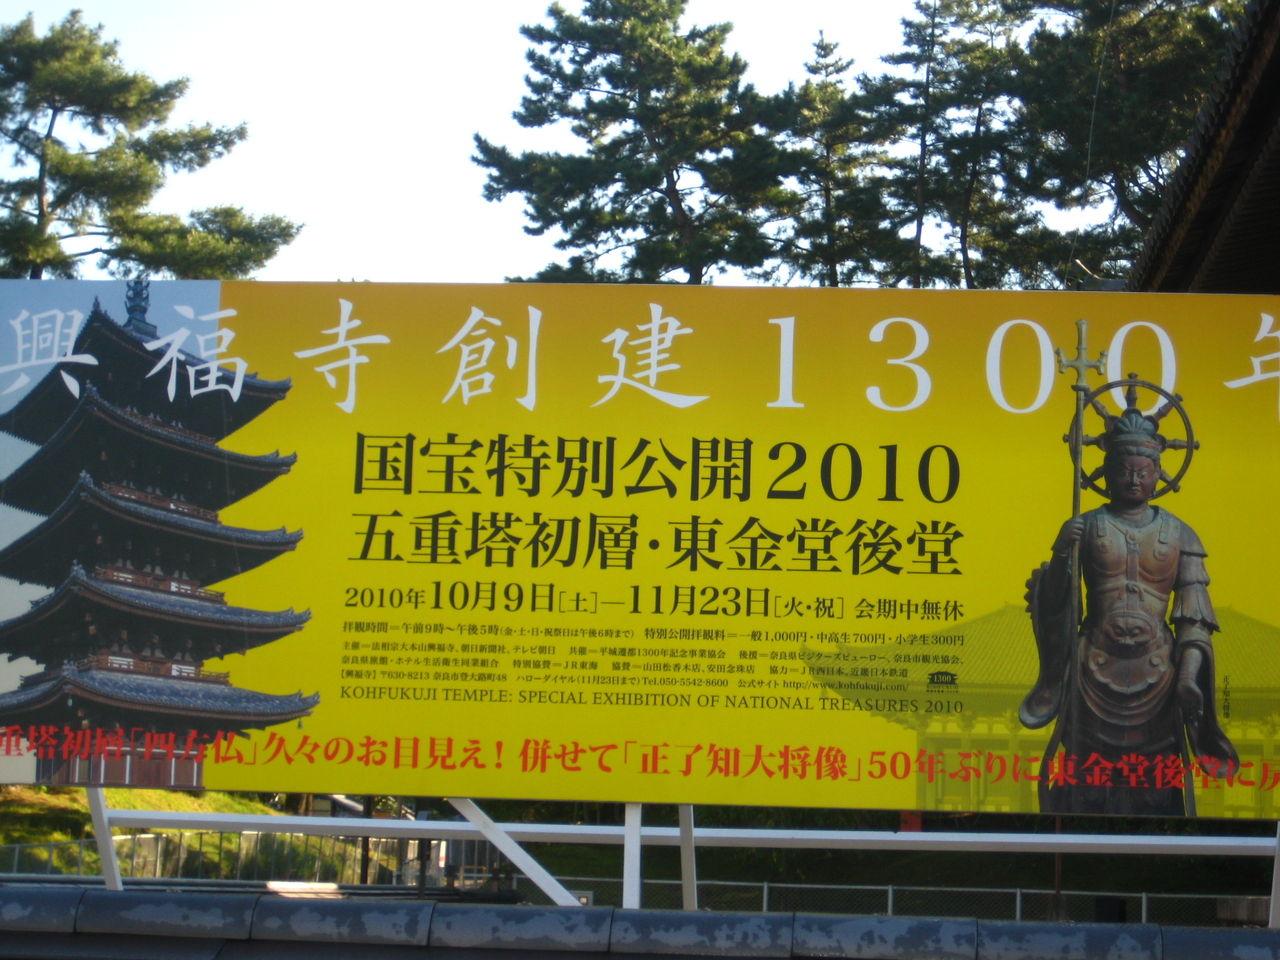 興福寺国宝50年ぶりに公開